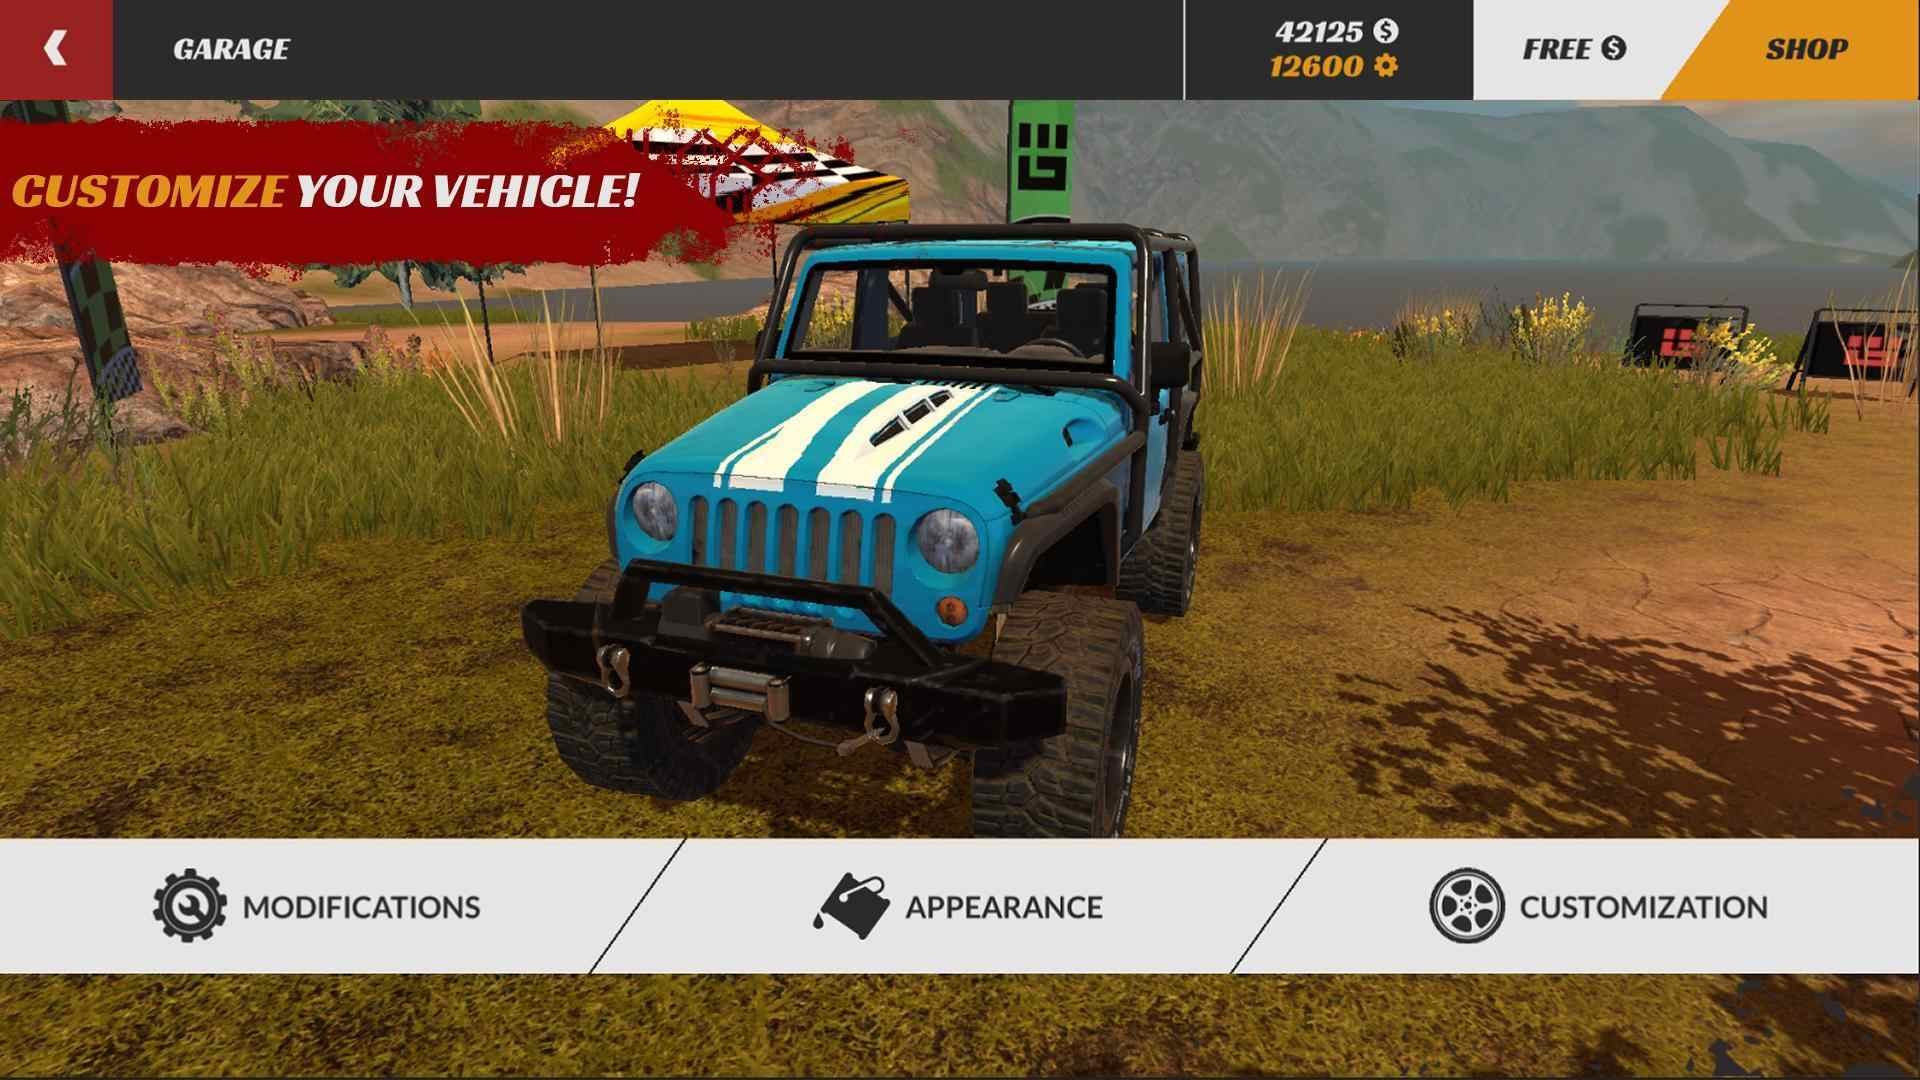 至尊越野驾驶模拟器无限金币版下载